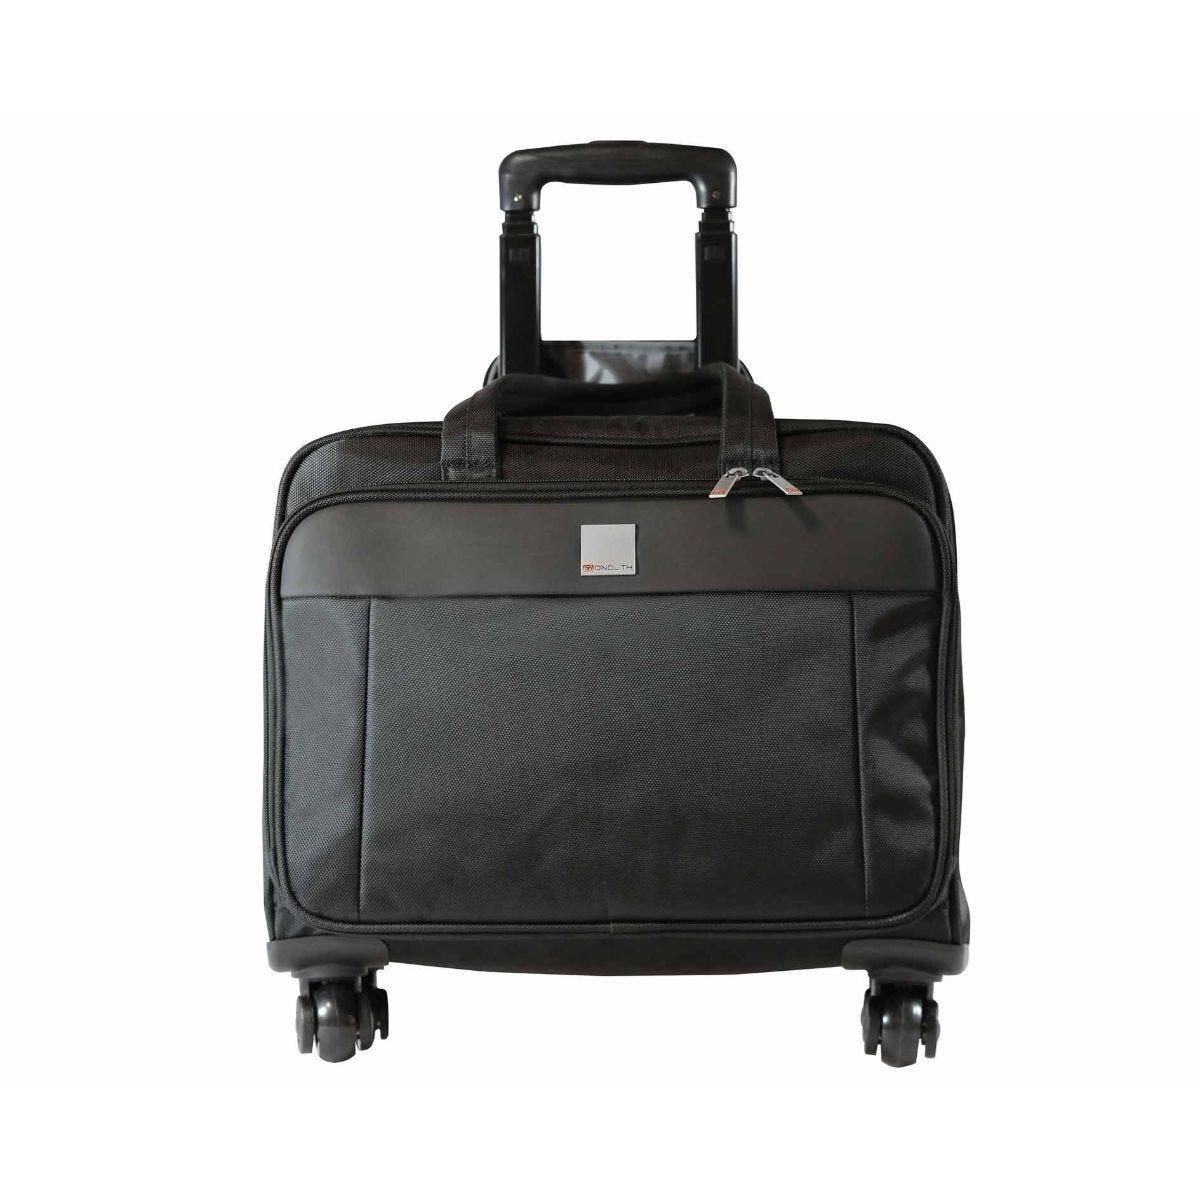 Monolith Motion II 4 Wheel 15.6 inch Laptop Trolley Case